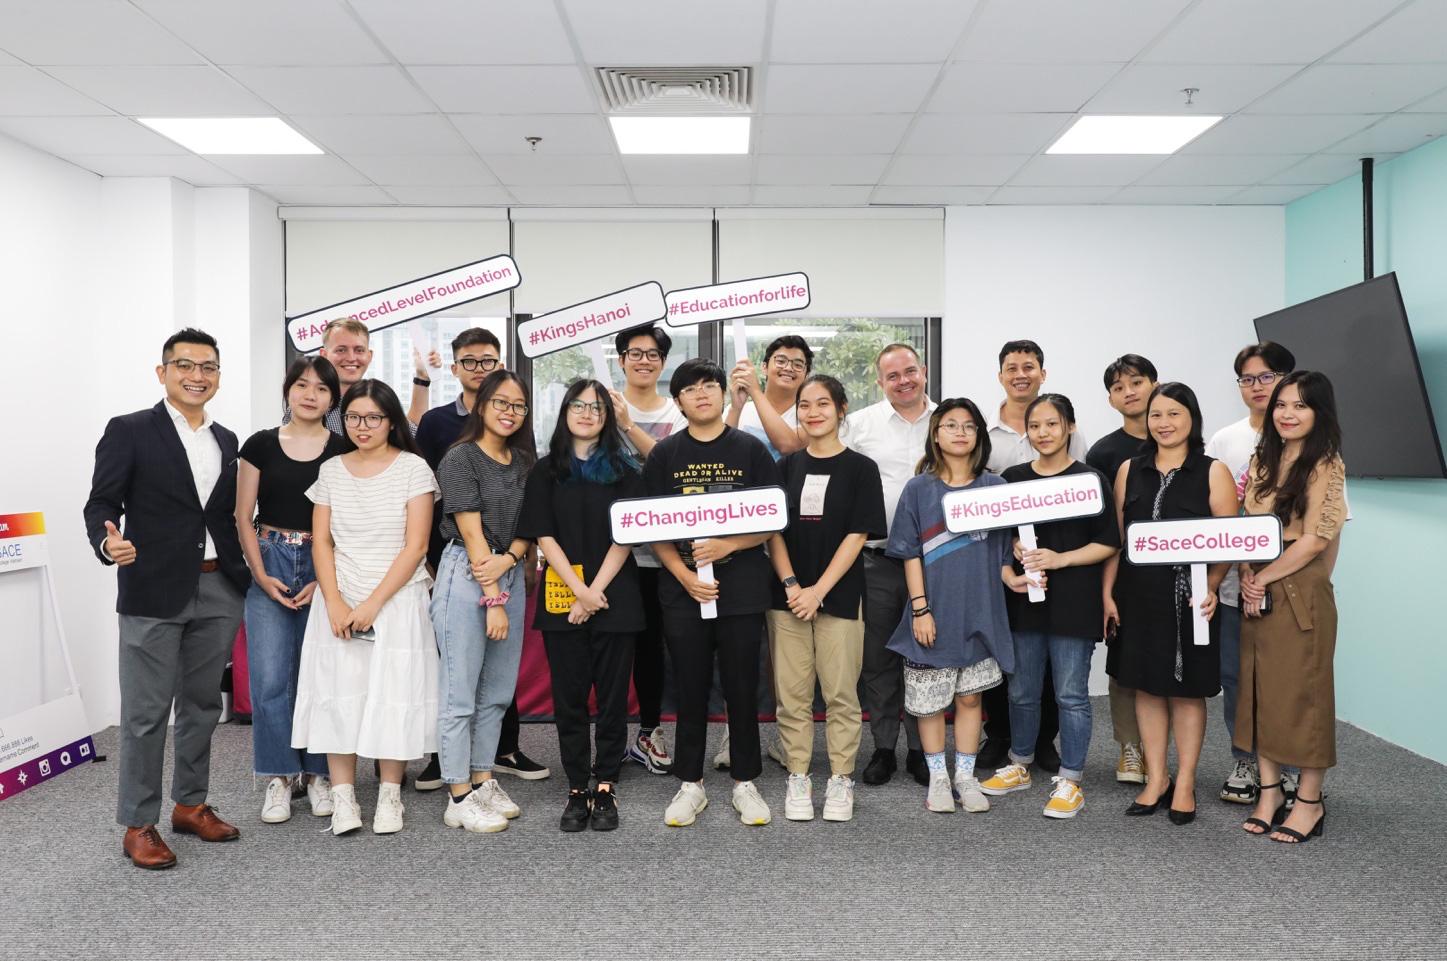 Chương trình Kings tại Hà Nội khai giảng tháng 9/2020 - Ảnh 1.